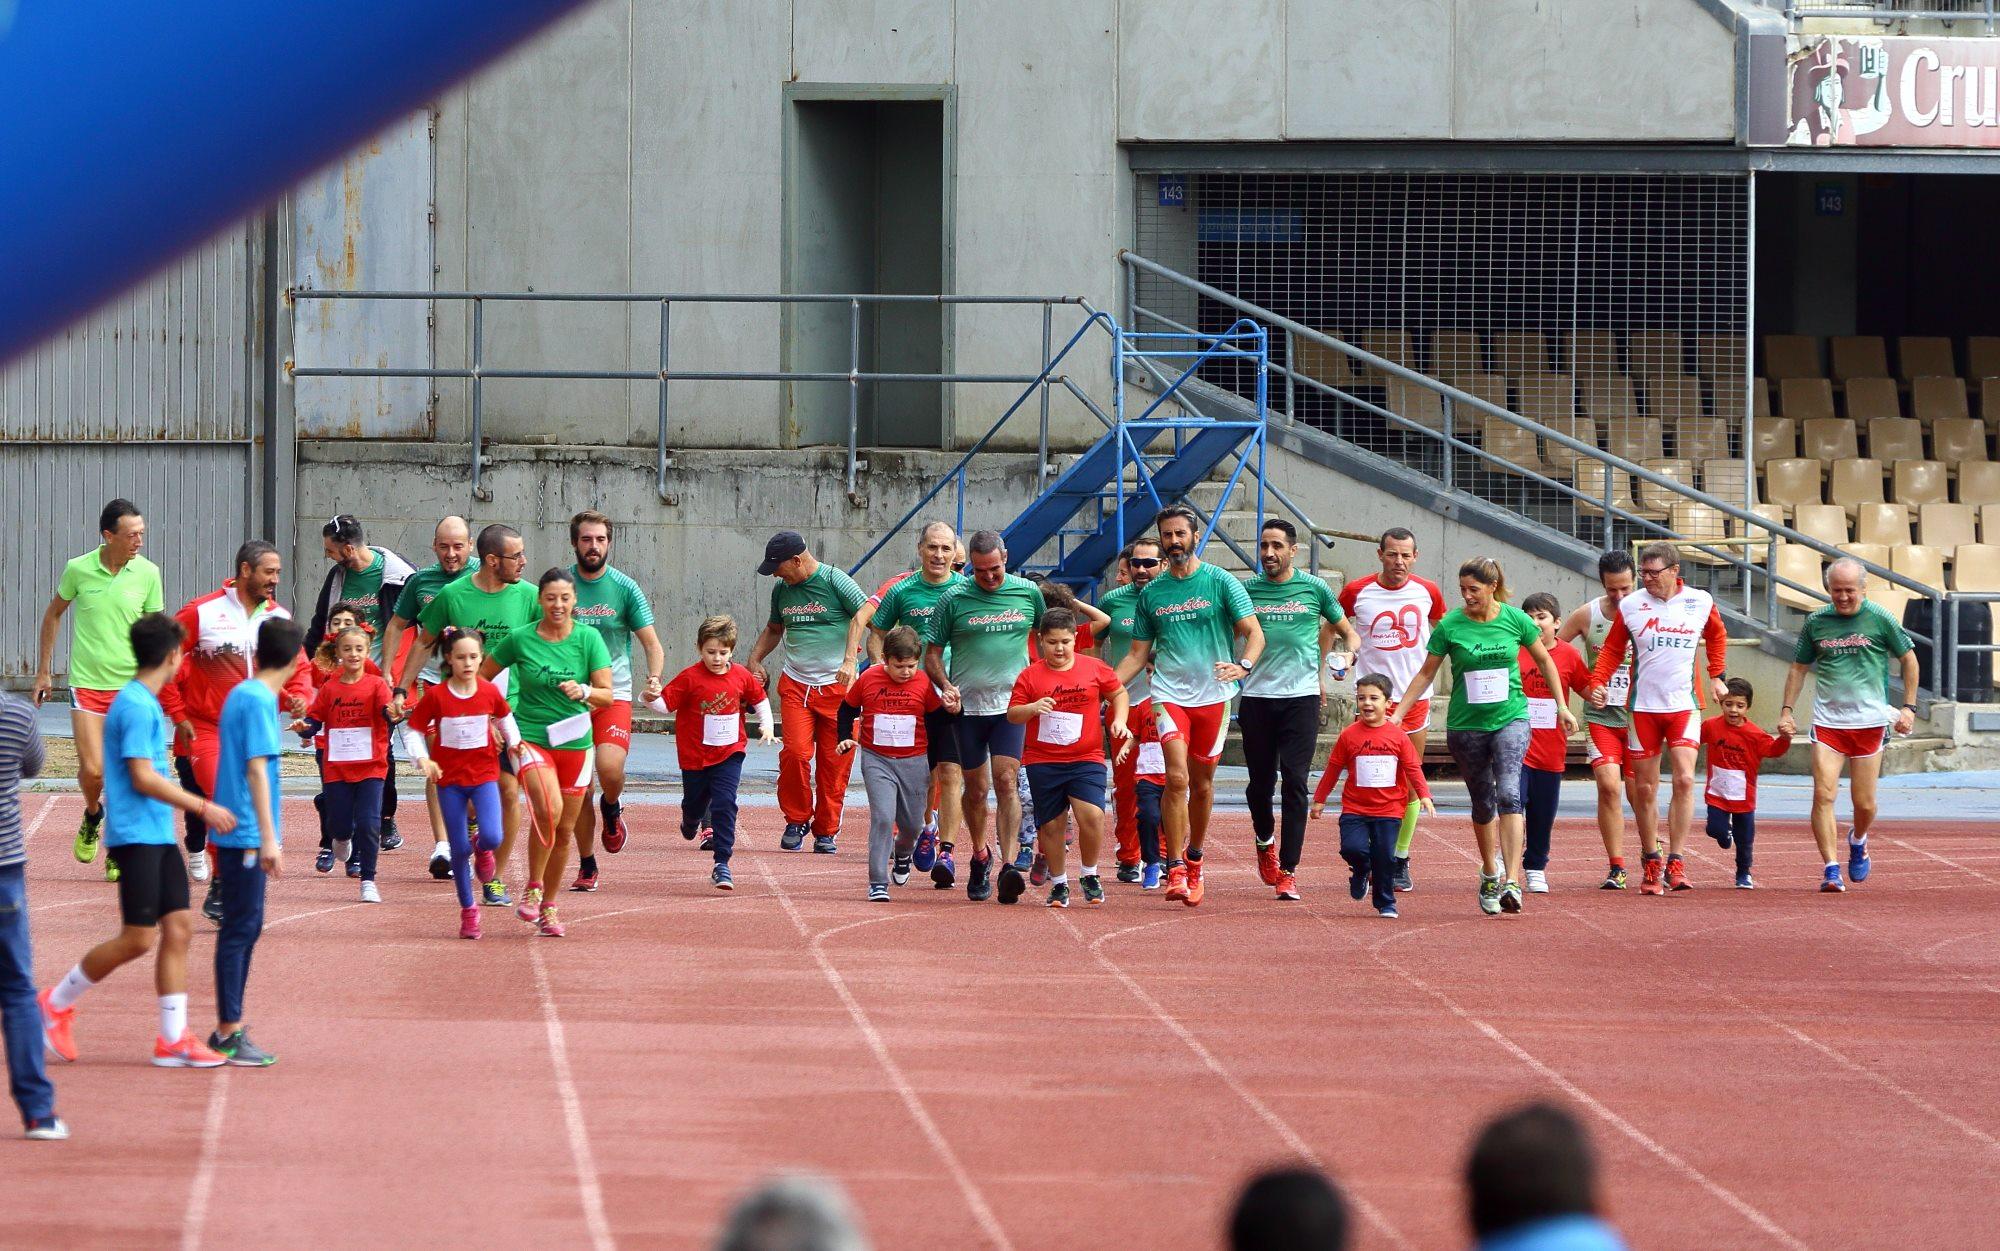 Los grandes vencedores en la XXXIX Carrera Popular de Jerez, nuestros niñ@s de la Escuela de Atletismo Adaptado del Maratón Jerez